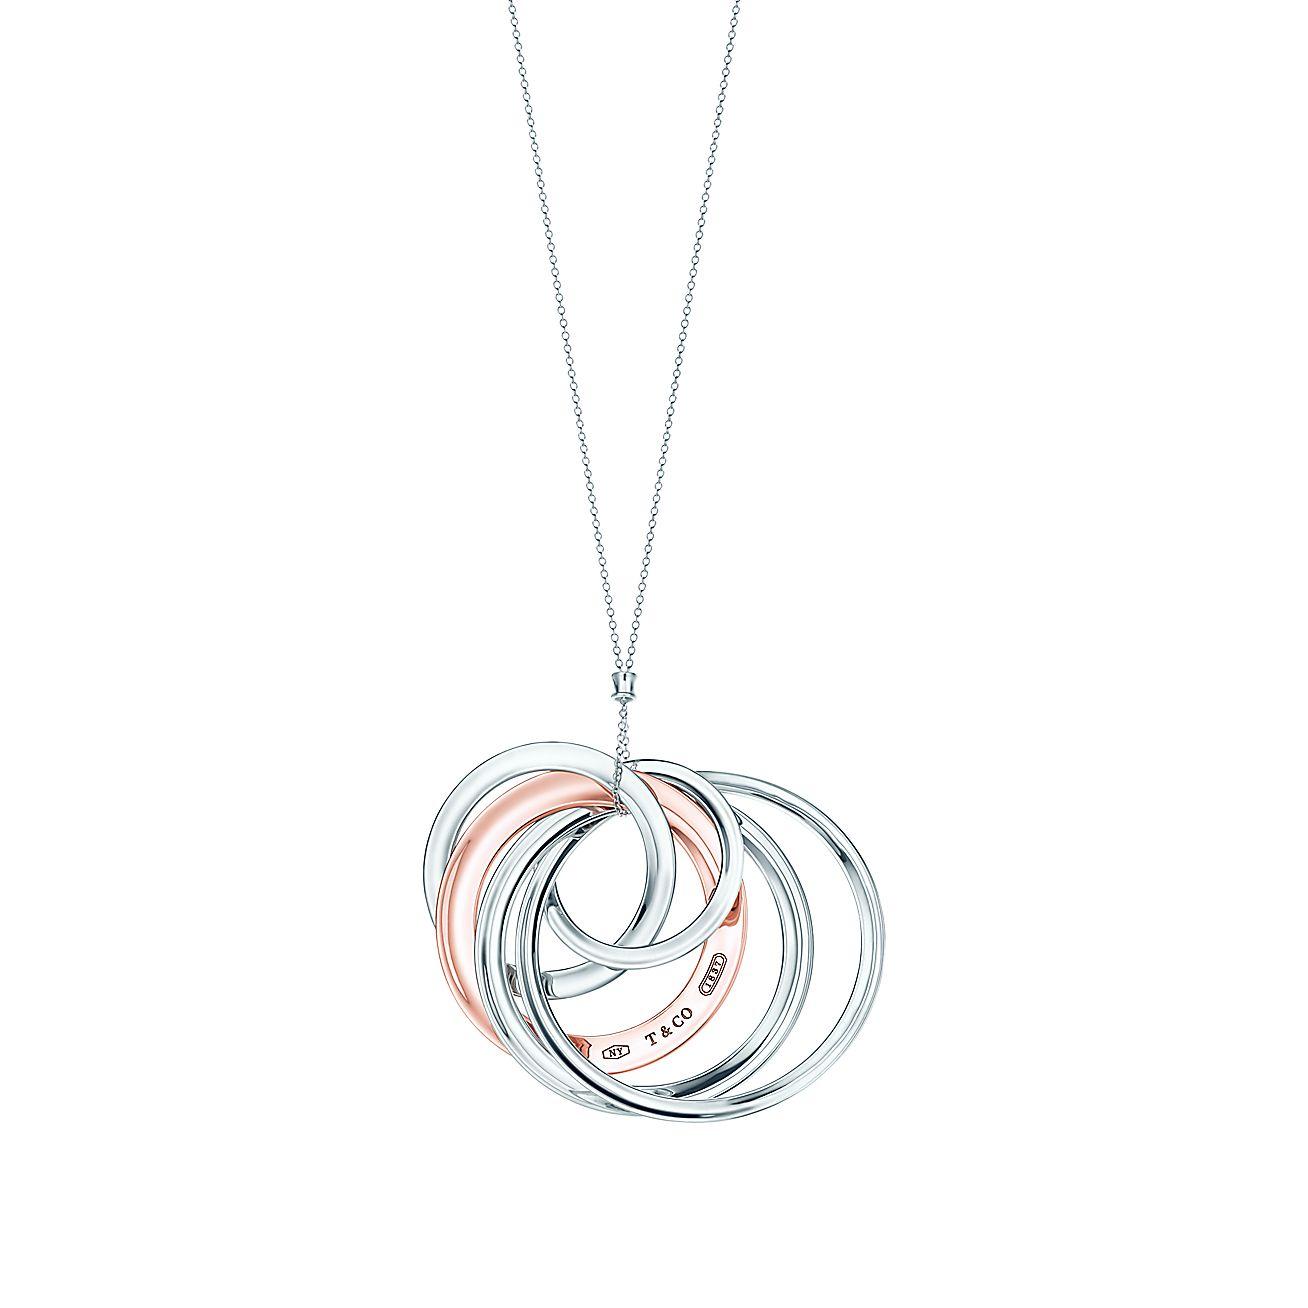 Tiffany 1837® interlocking circles pendant in RUBEDO